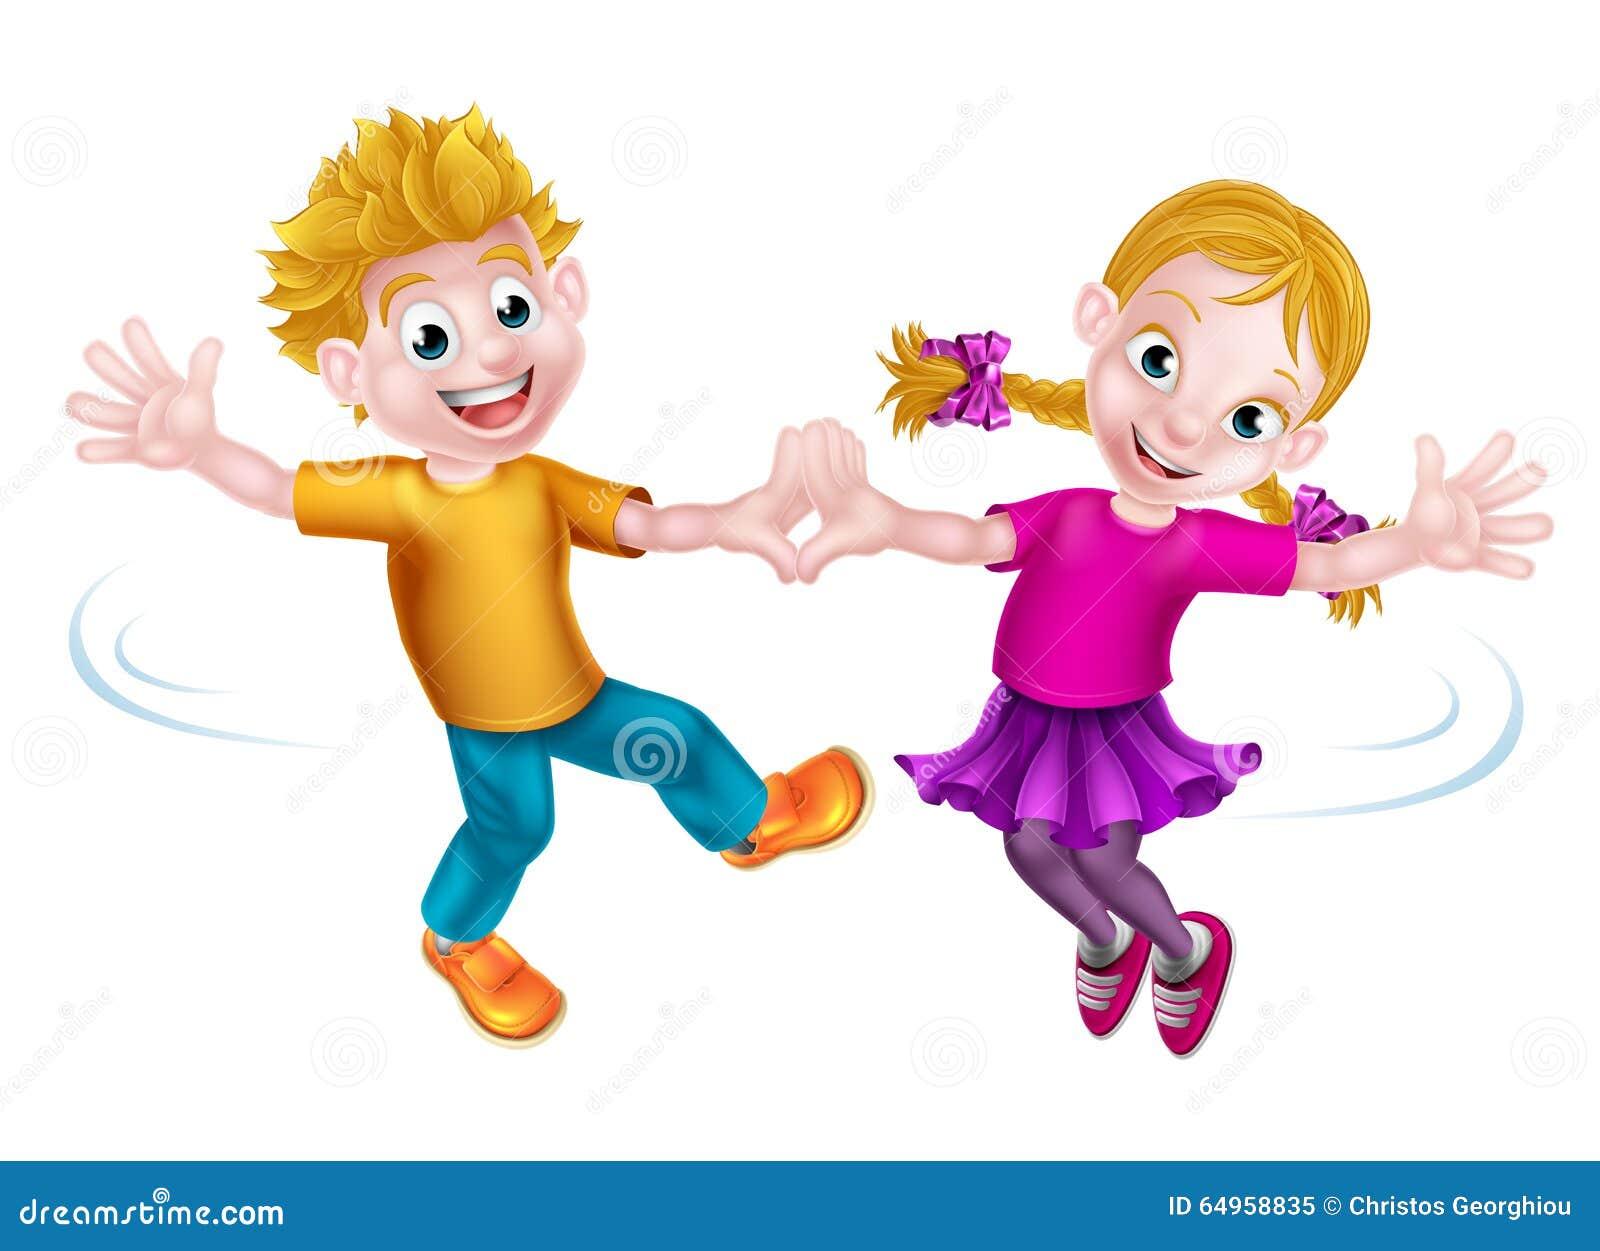 Cartoon Children Dancing Stock Vector. Illustration Of